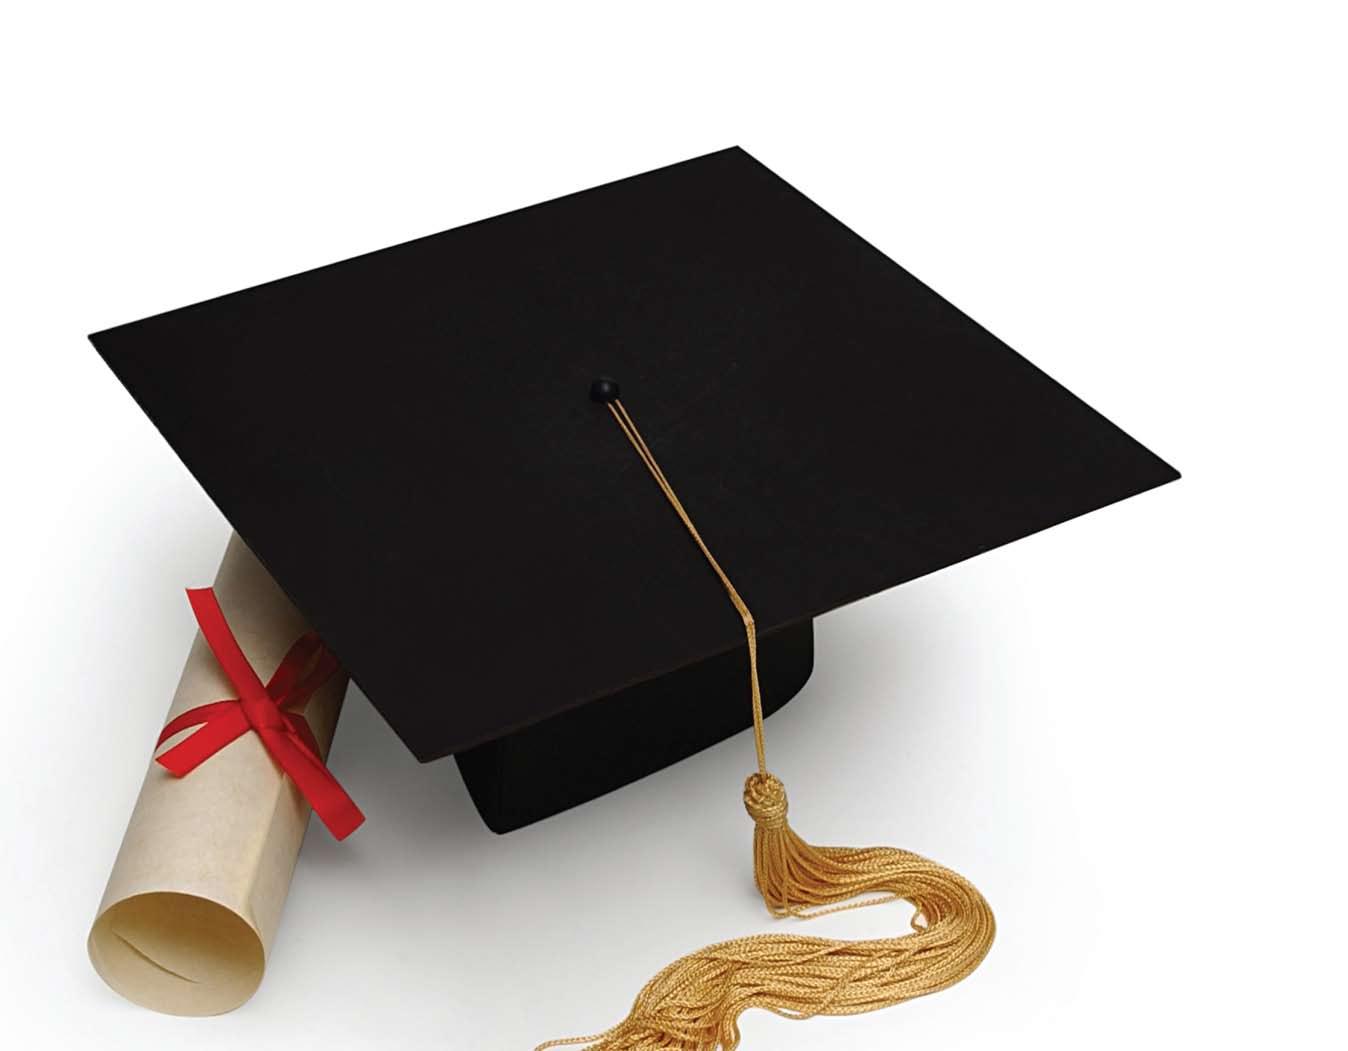 Mais de 40% dos alunos das universidades federais são das classes C, D e E